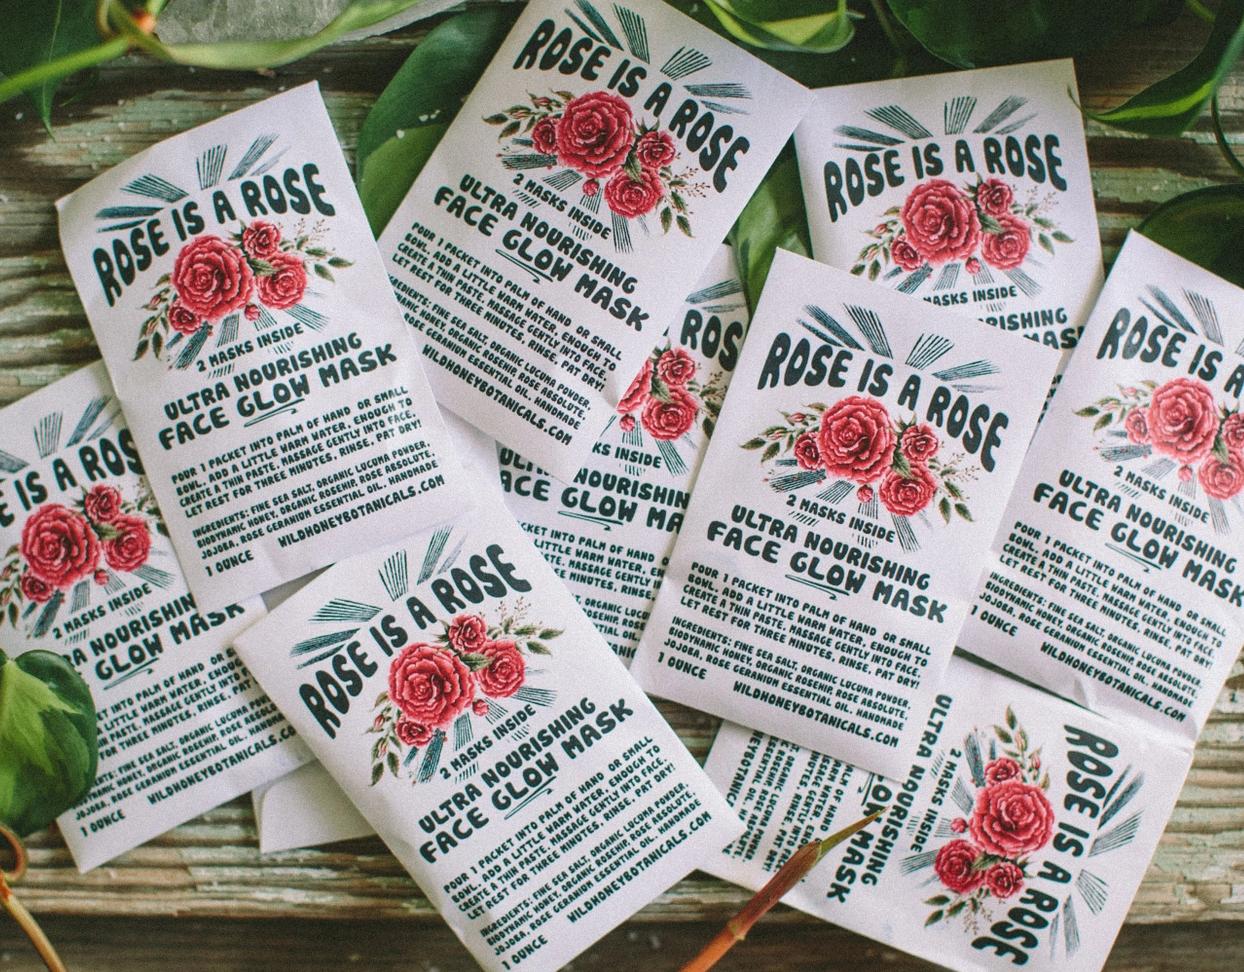 Wild Yonder Botanicals Rose is a Rose Face Scrub Glow